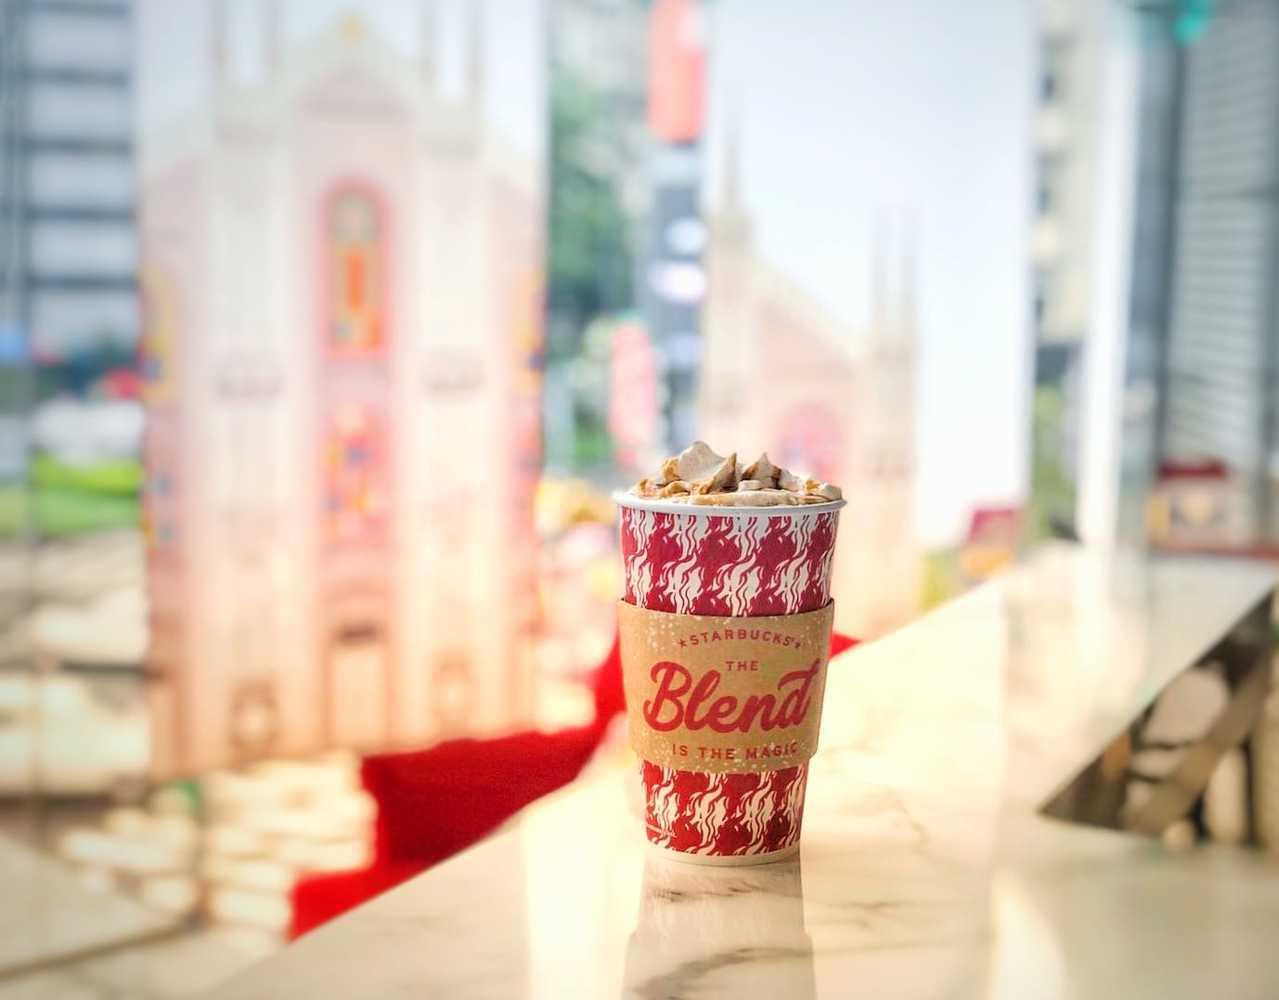 星巴克耶誕限定「薑餅香那堤」,全台只有3間店能喝到。圖/翻攝自星巴克臉書